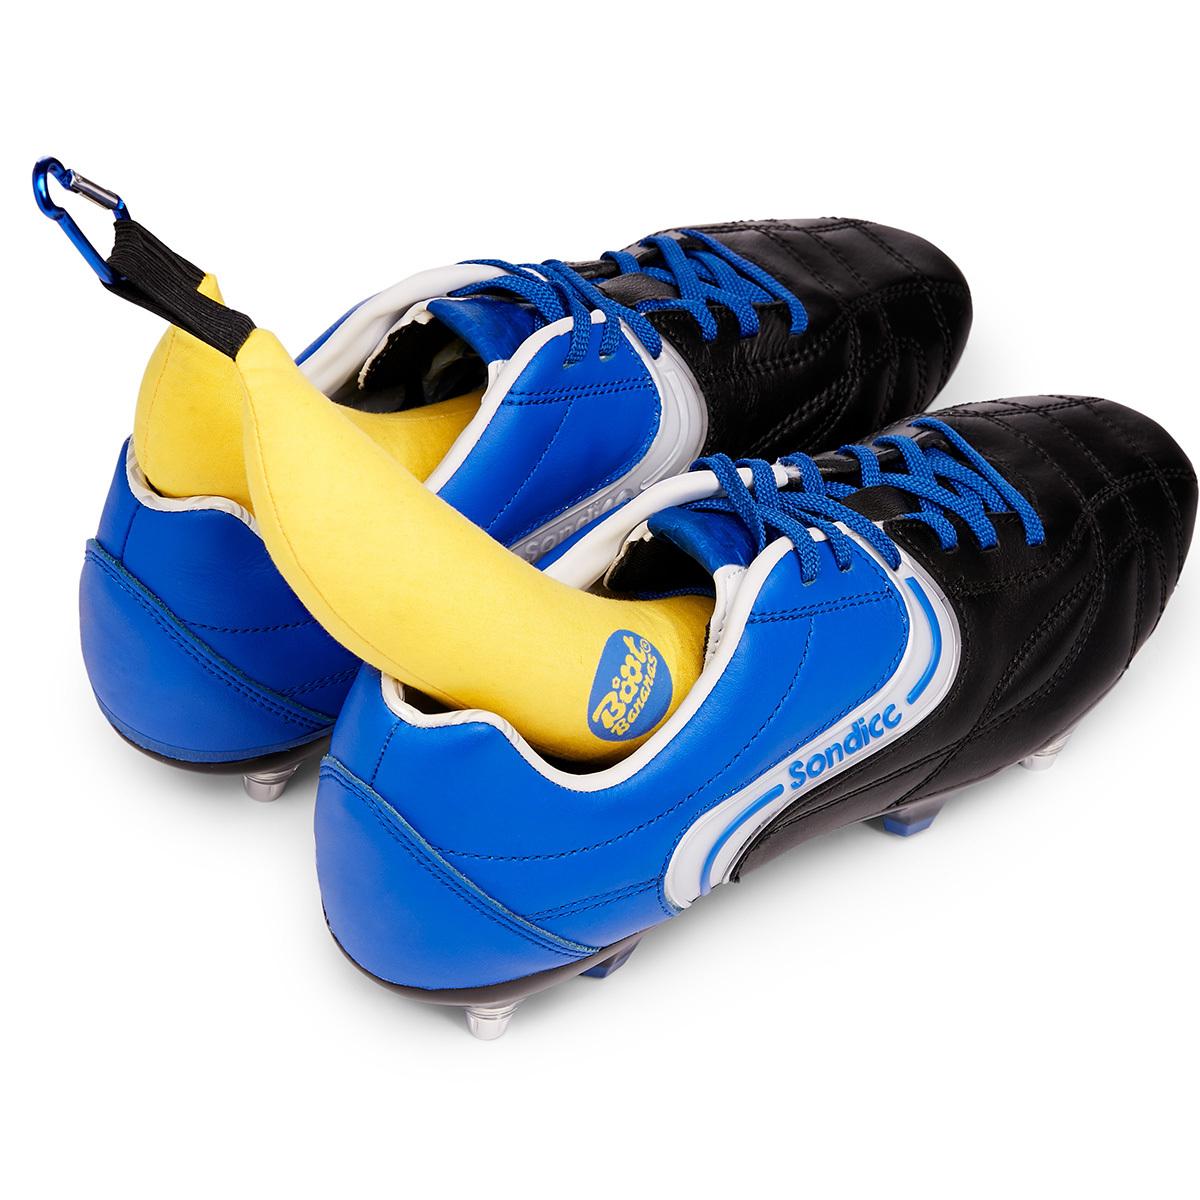 Boot Bananas. Der Tipp gegen Käsefüße in Sportschuhen. Ein